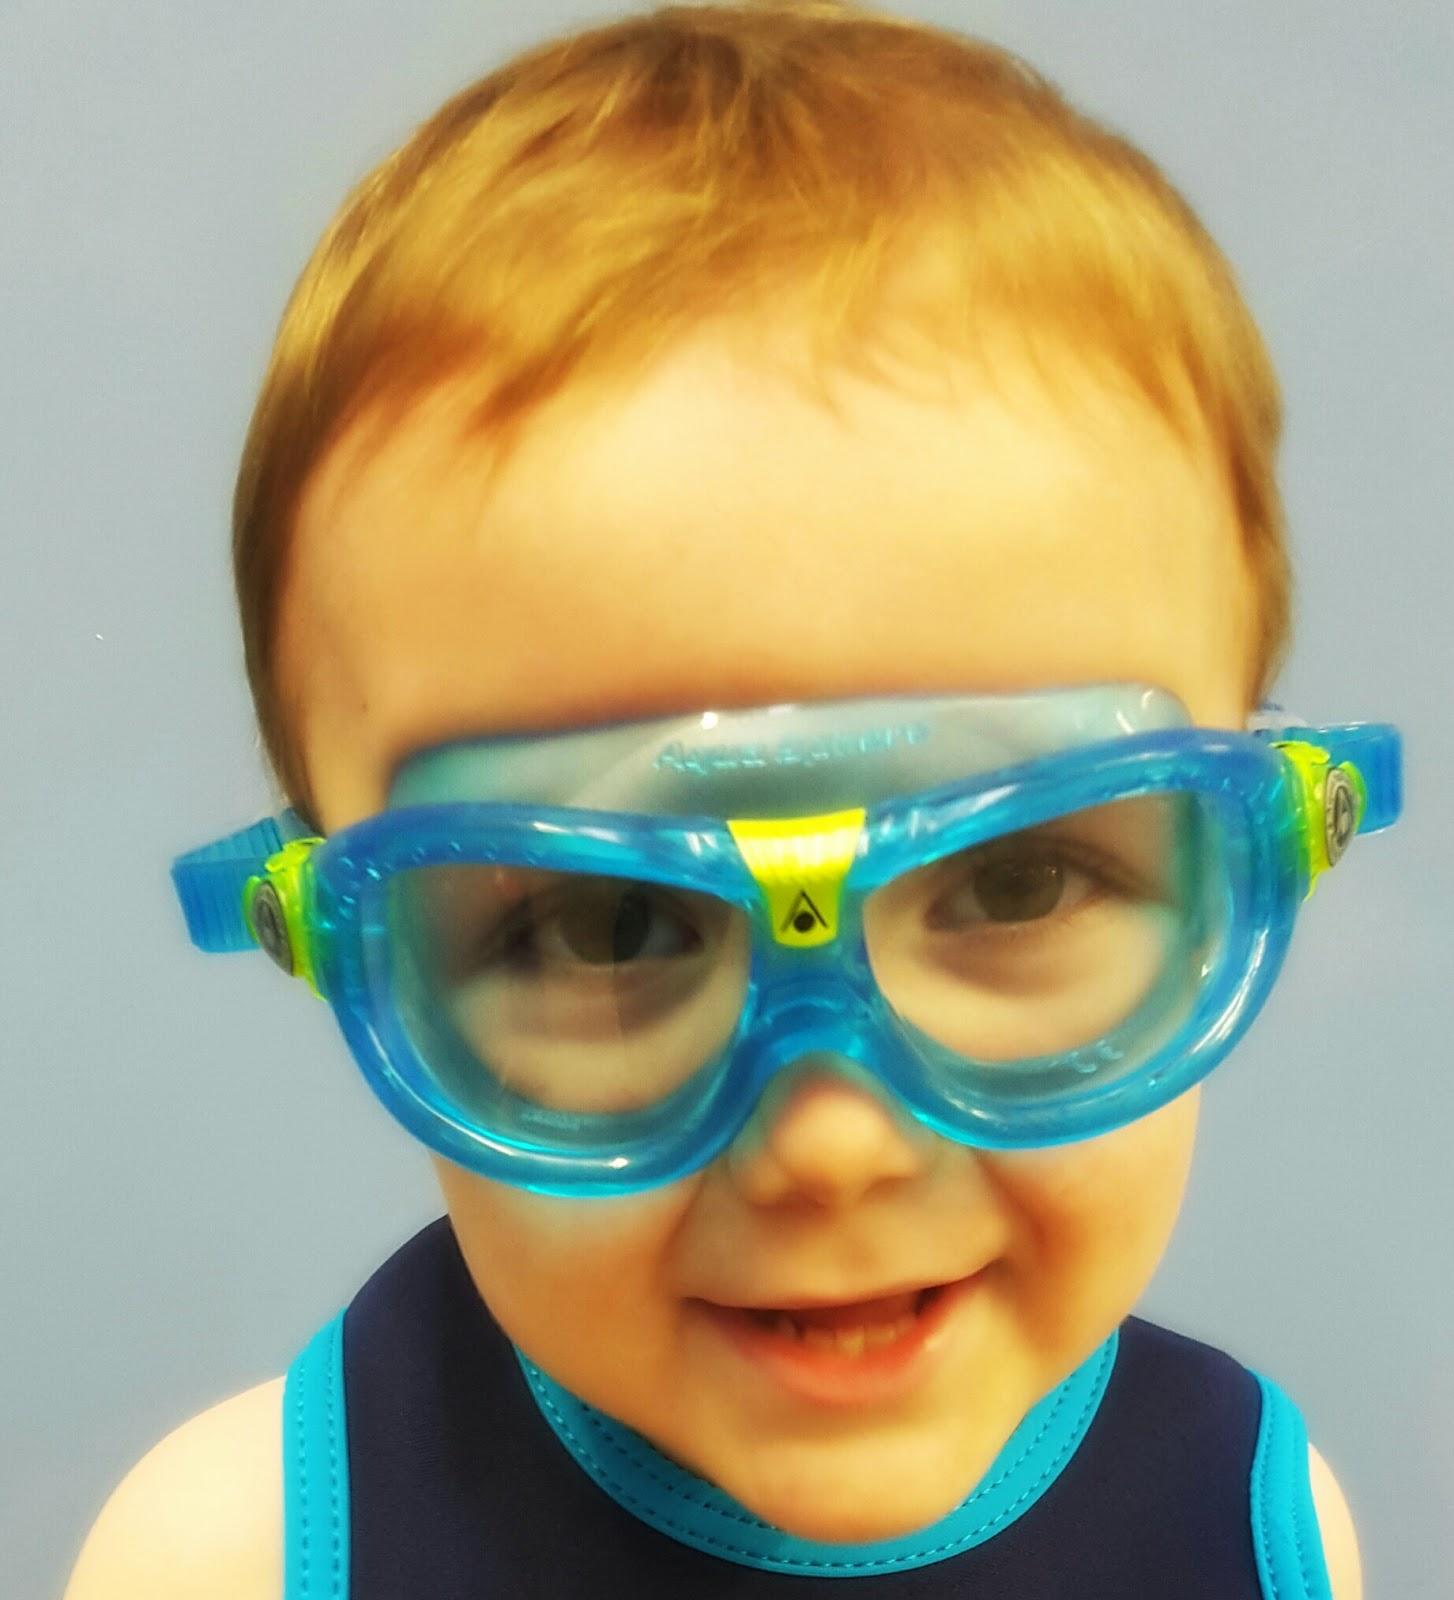 9a42703673d Seal Kid 2 Aqua Sphere Goggles Review